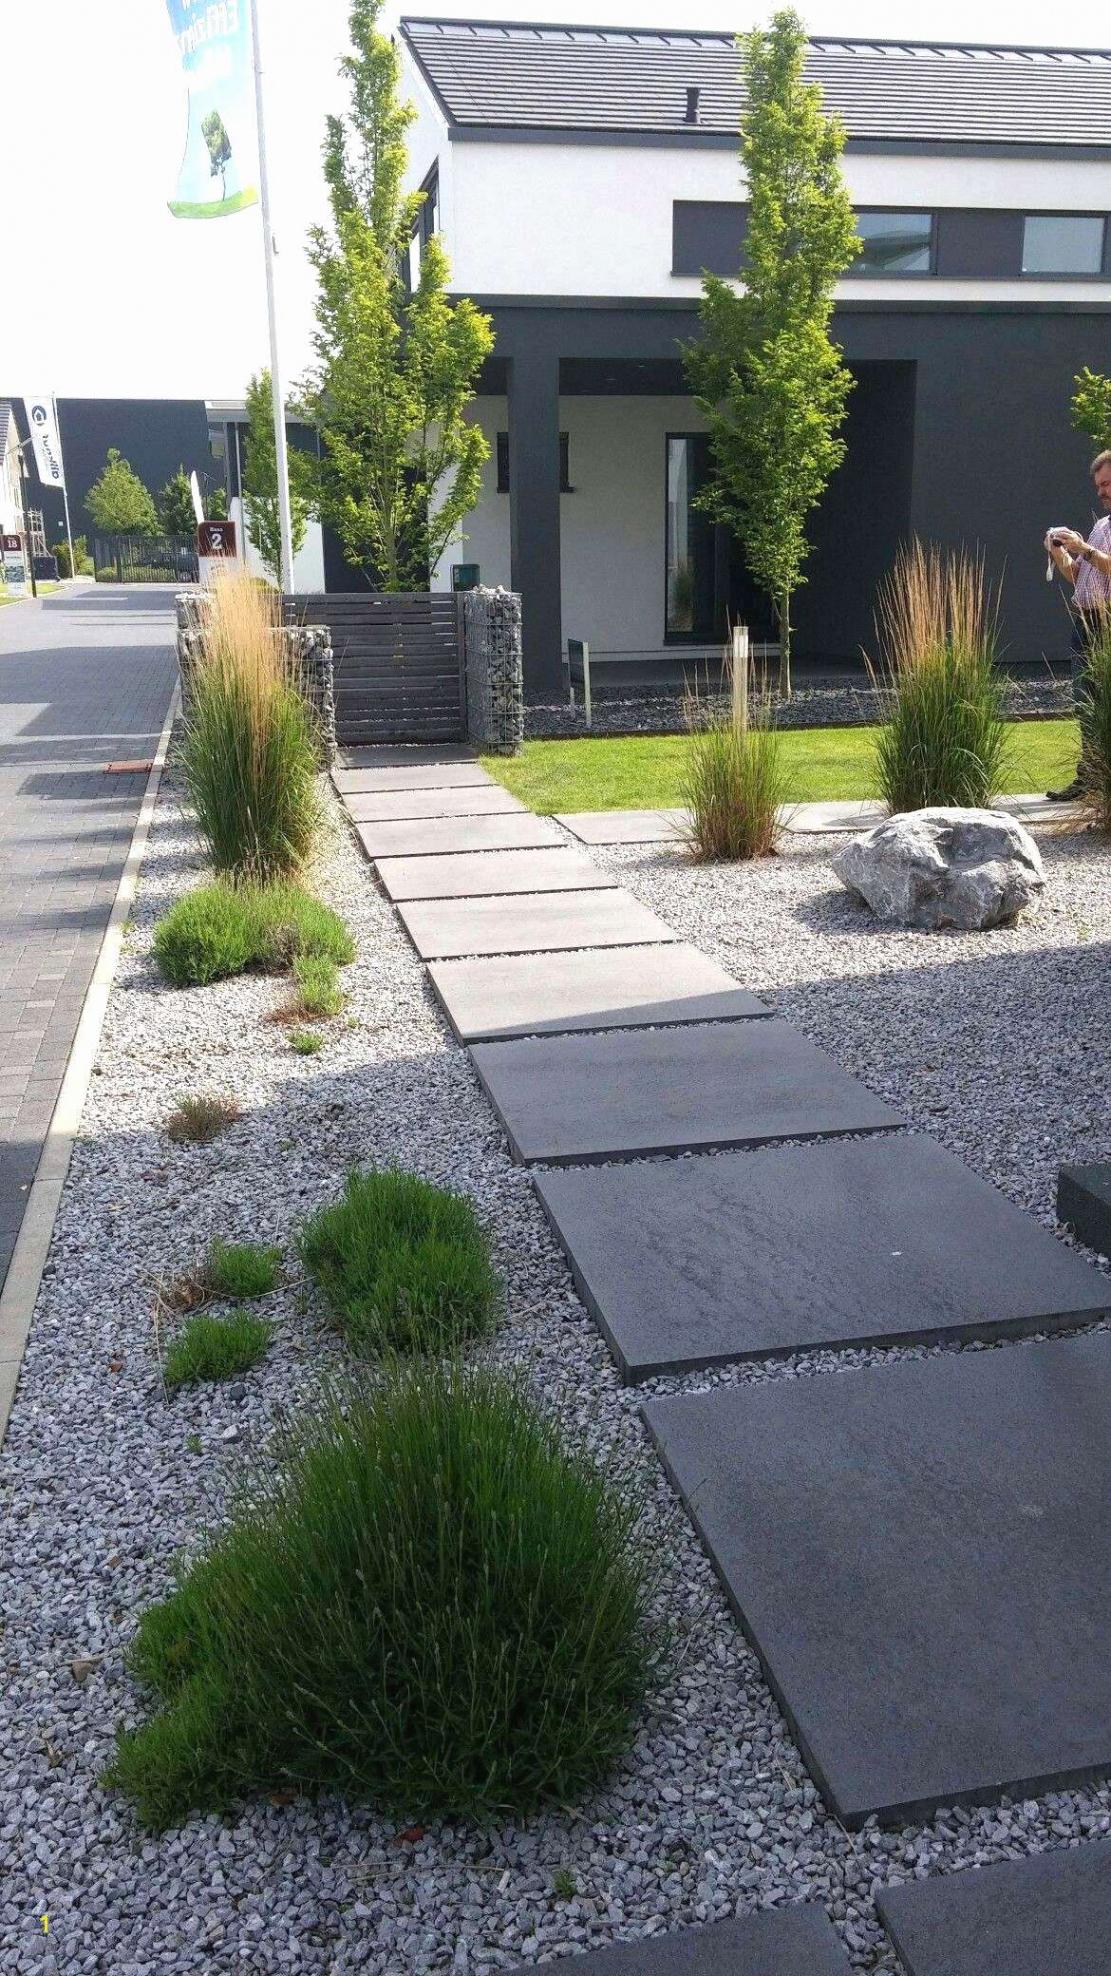 Beetgestaltung Modern Genial Gartengestaltung Ideen Mit Steinen — Temobardz Home Blog